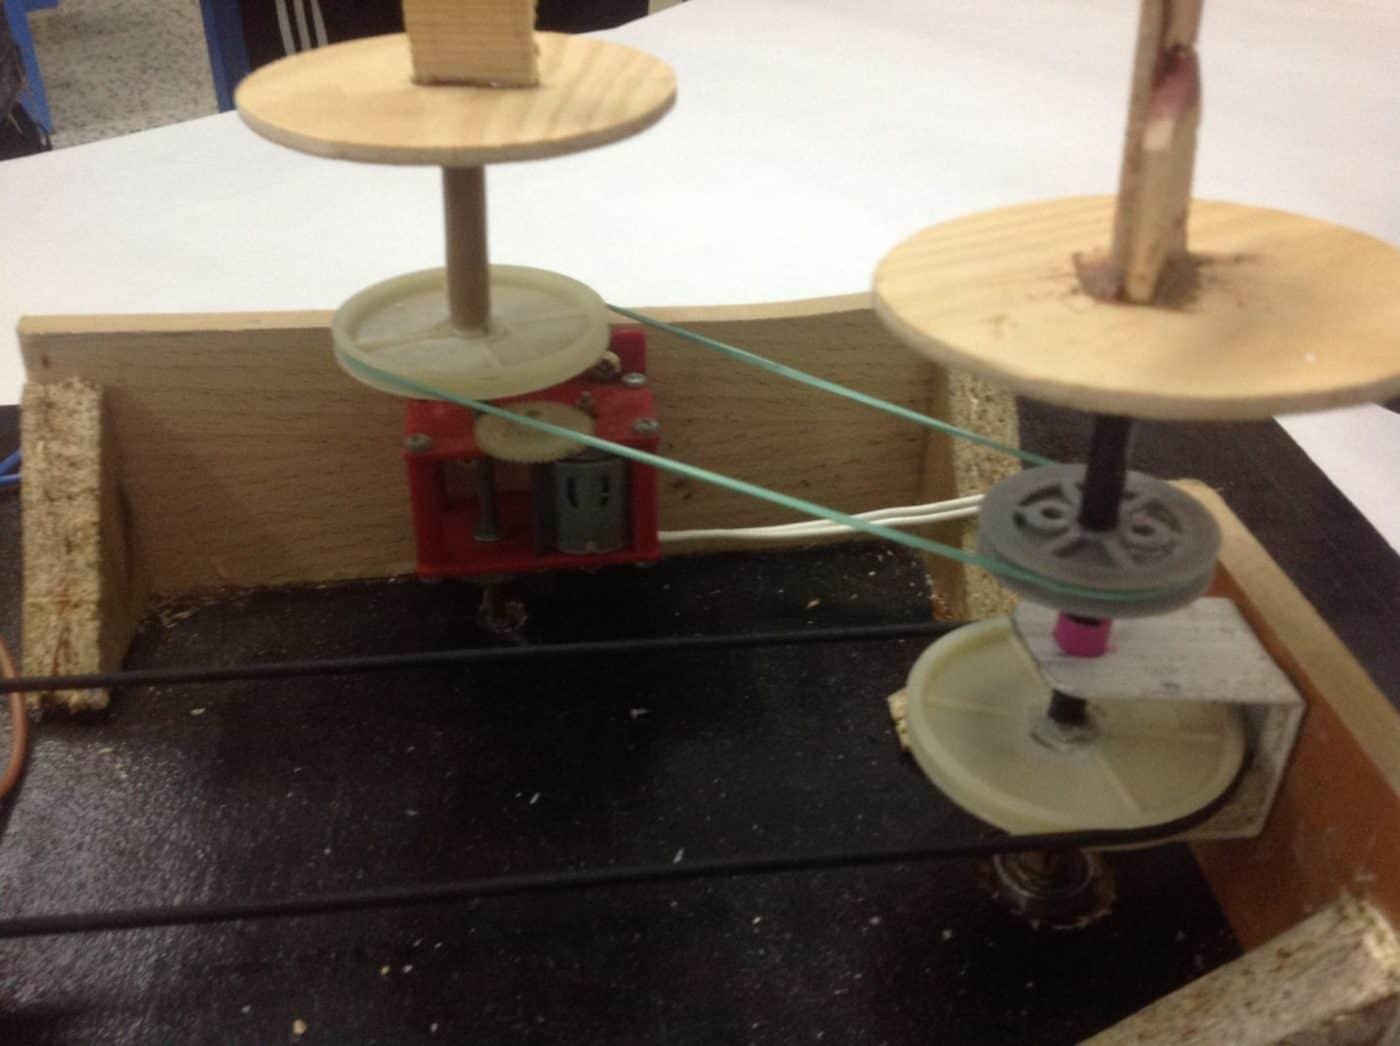 Proyecto de mecanismos muñeco articulado- Mecanismos, Proyectos